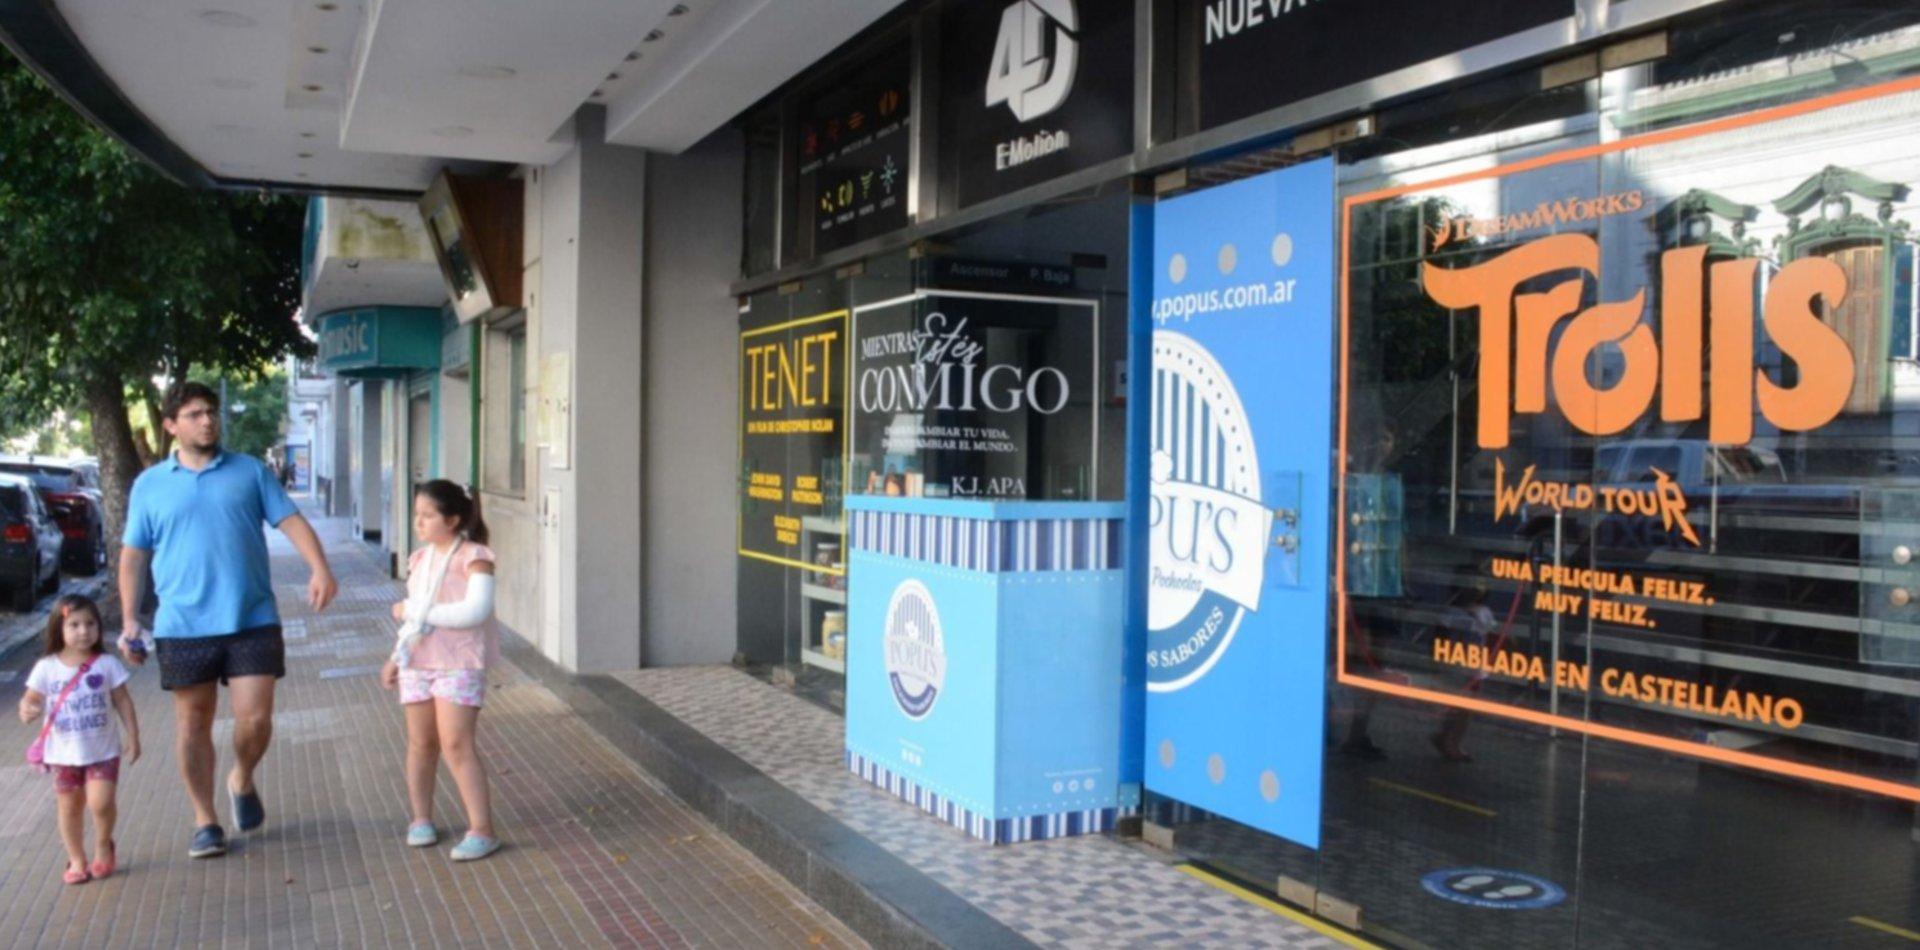 Los 15 estrenos que llegarán a los cines de La Plata